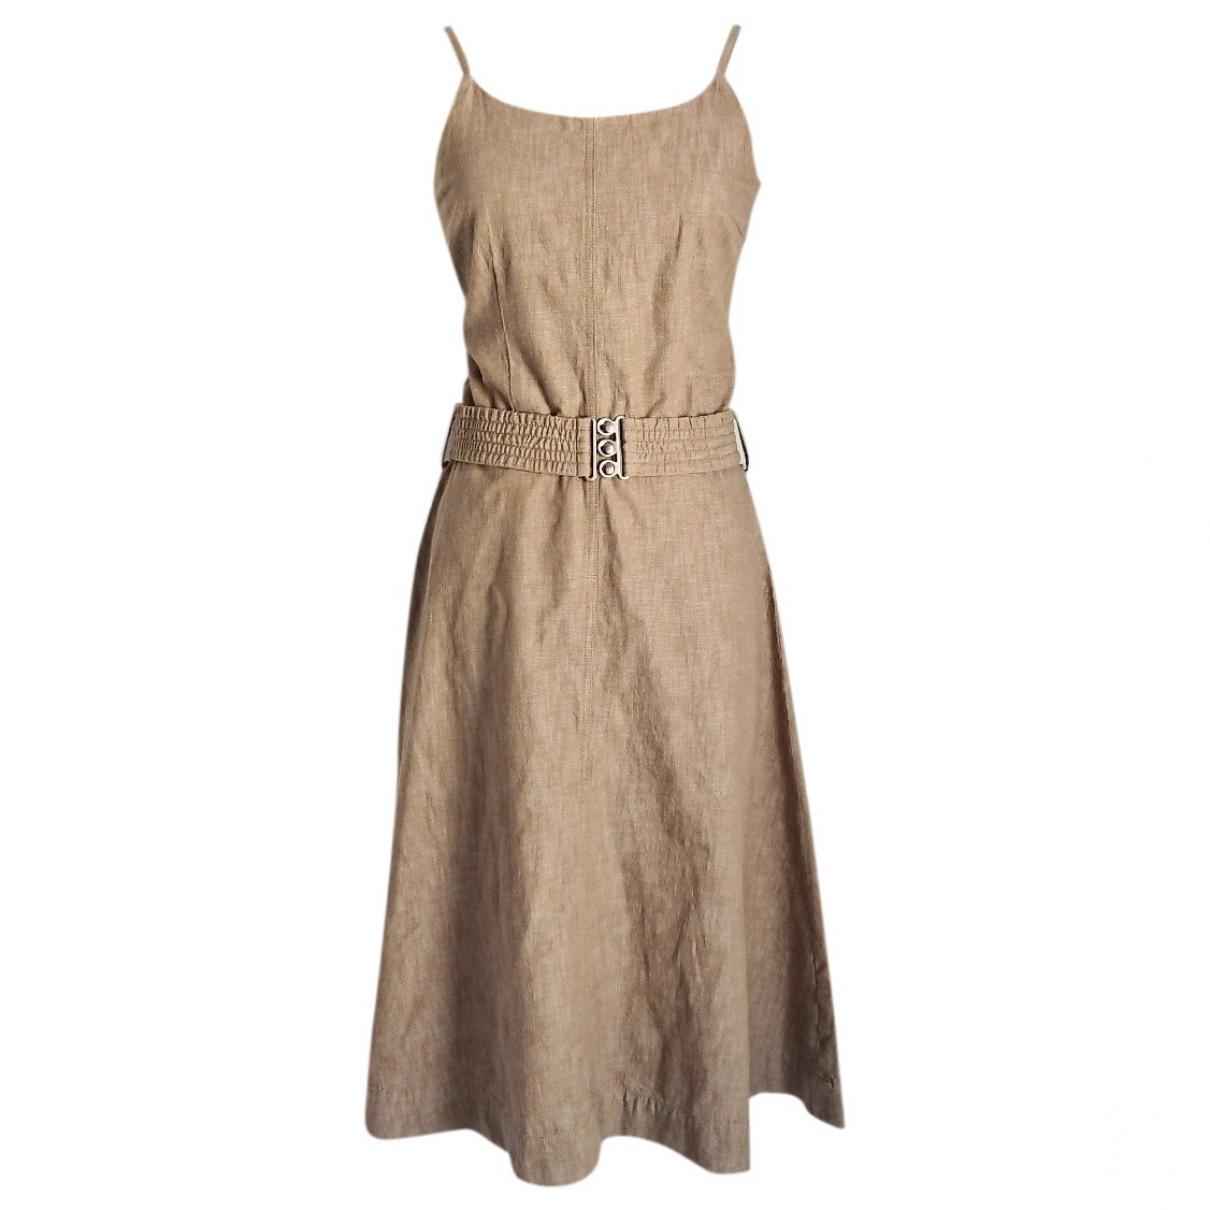 Dkny \N Kleid in  Beige Baumwolle